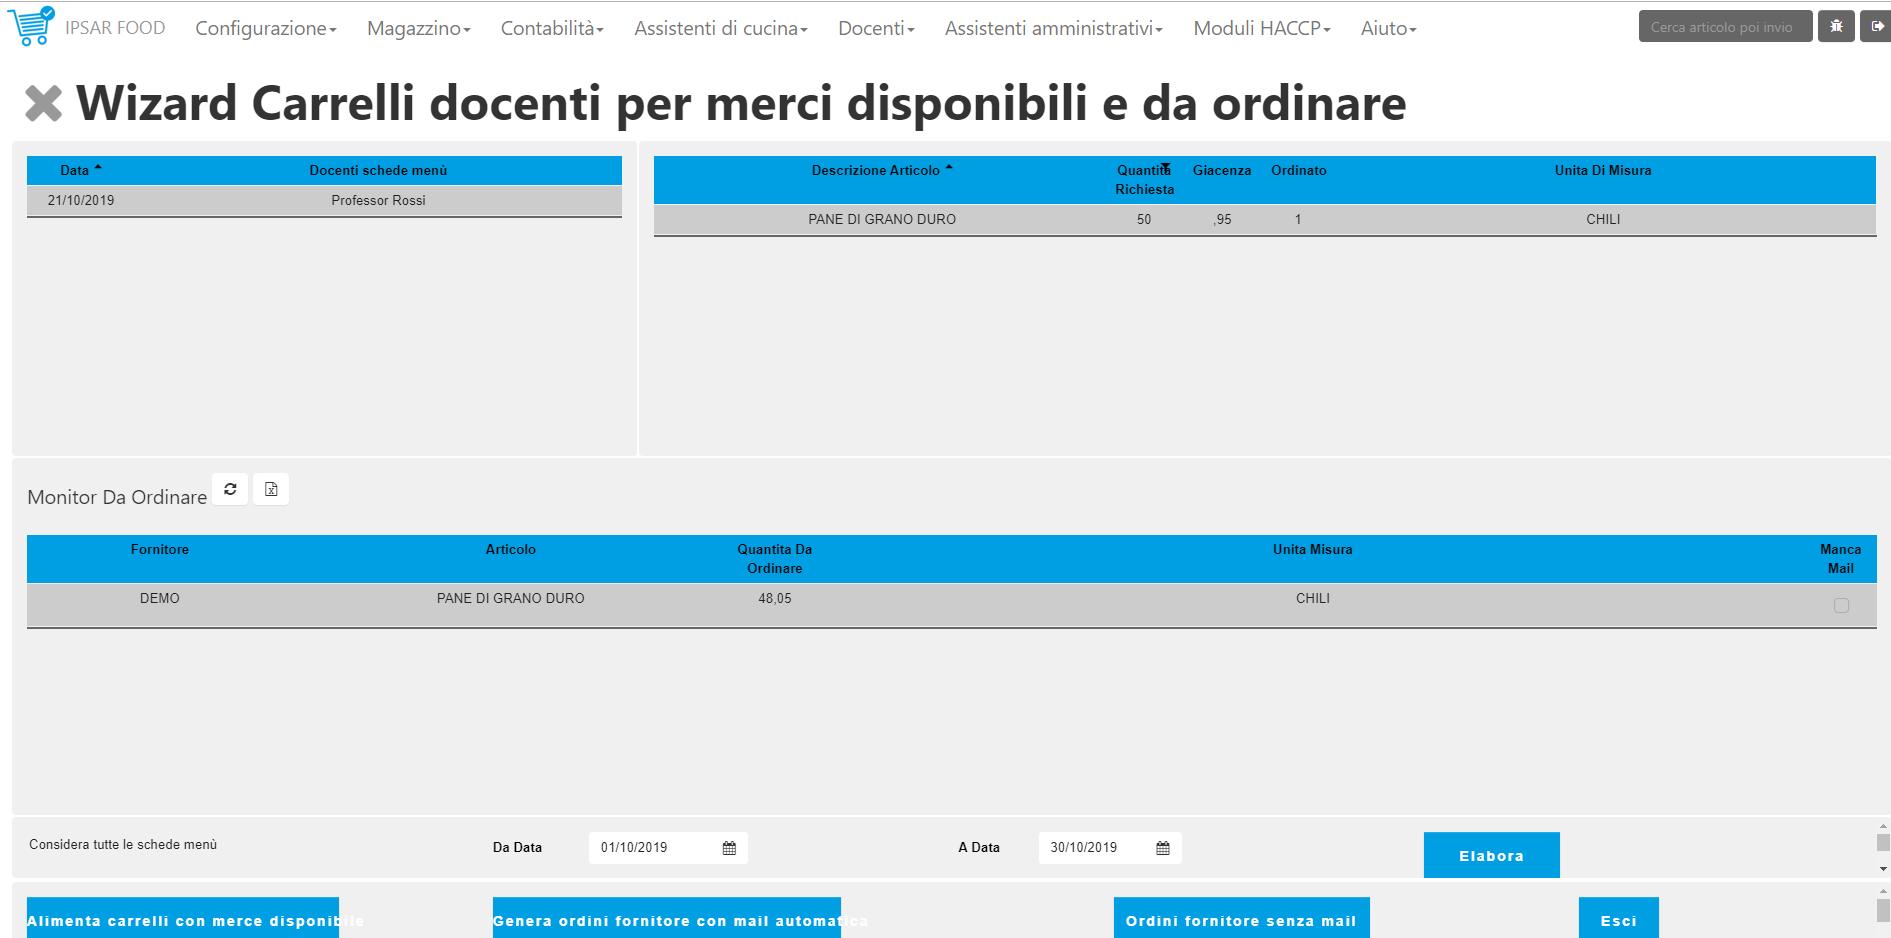 Funzione per la creazione automatica degli ordini fornitore a partire dalle schede menù dei docenti